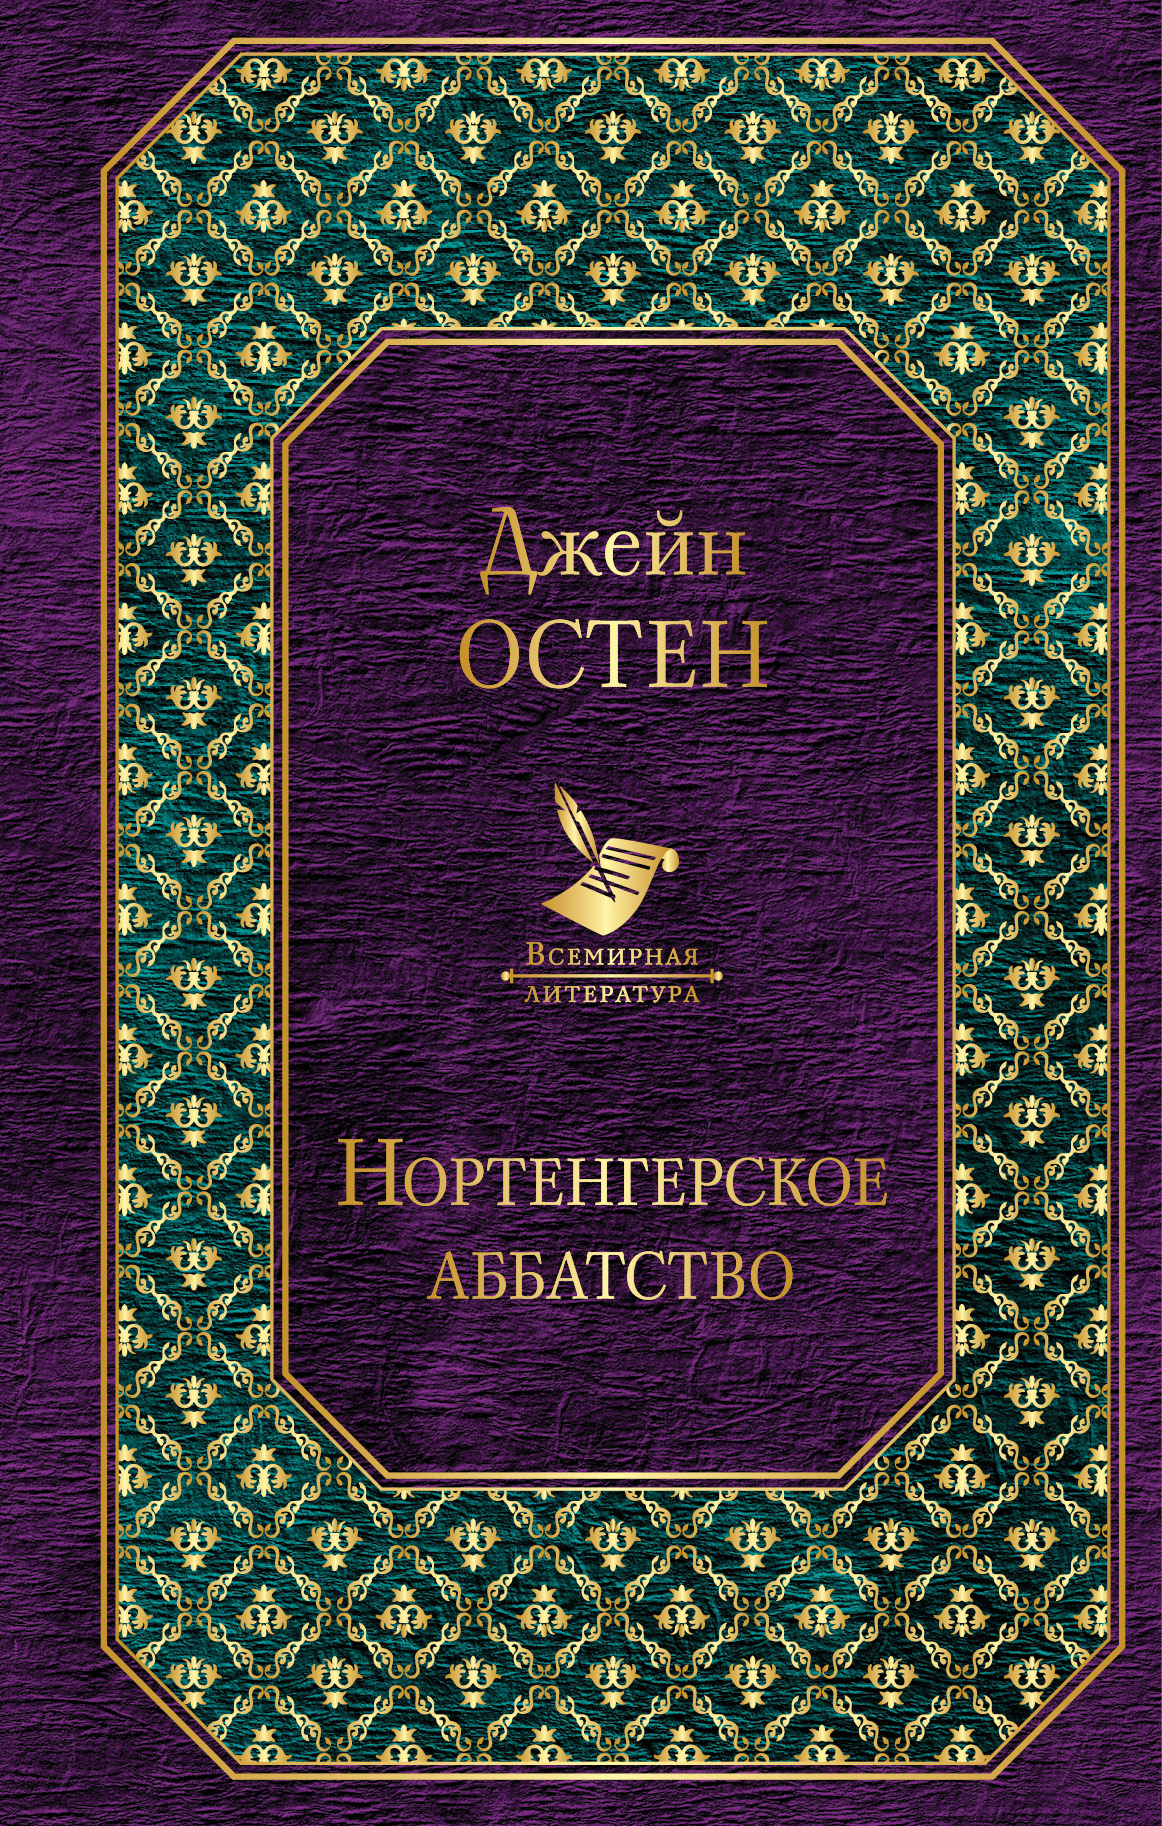 Нортенгерское аббатство (сборник)